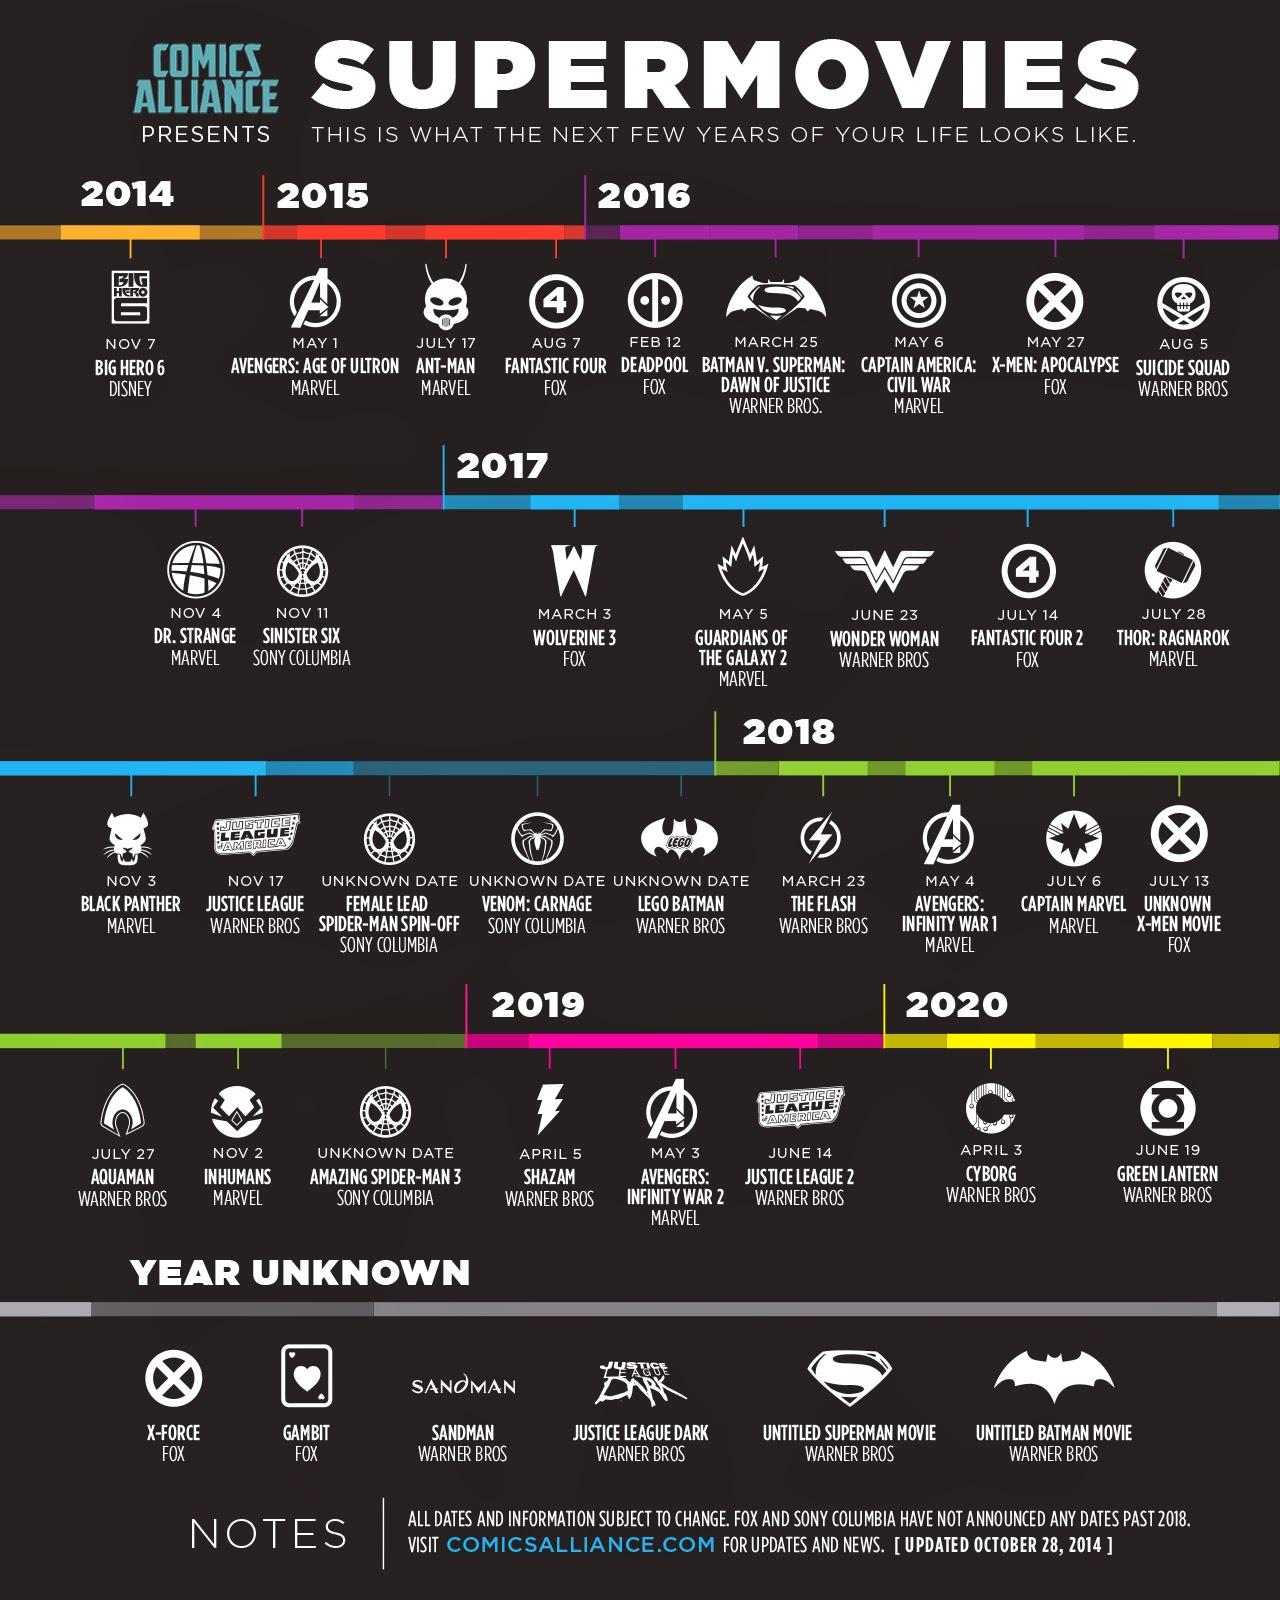 Superhero movies 2014-2020